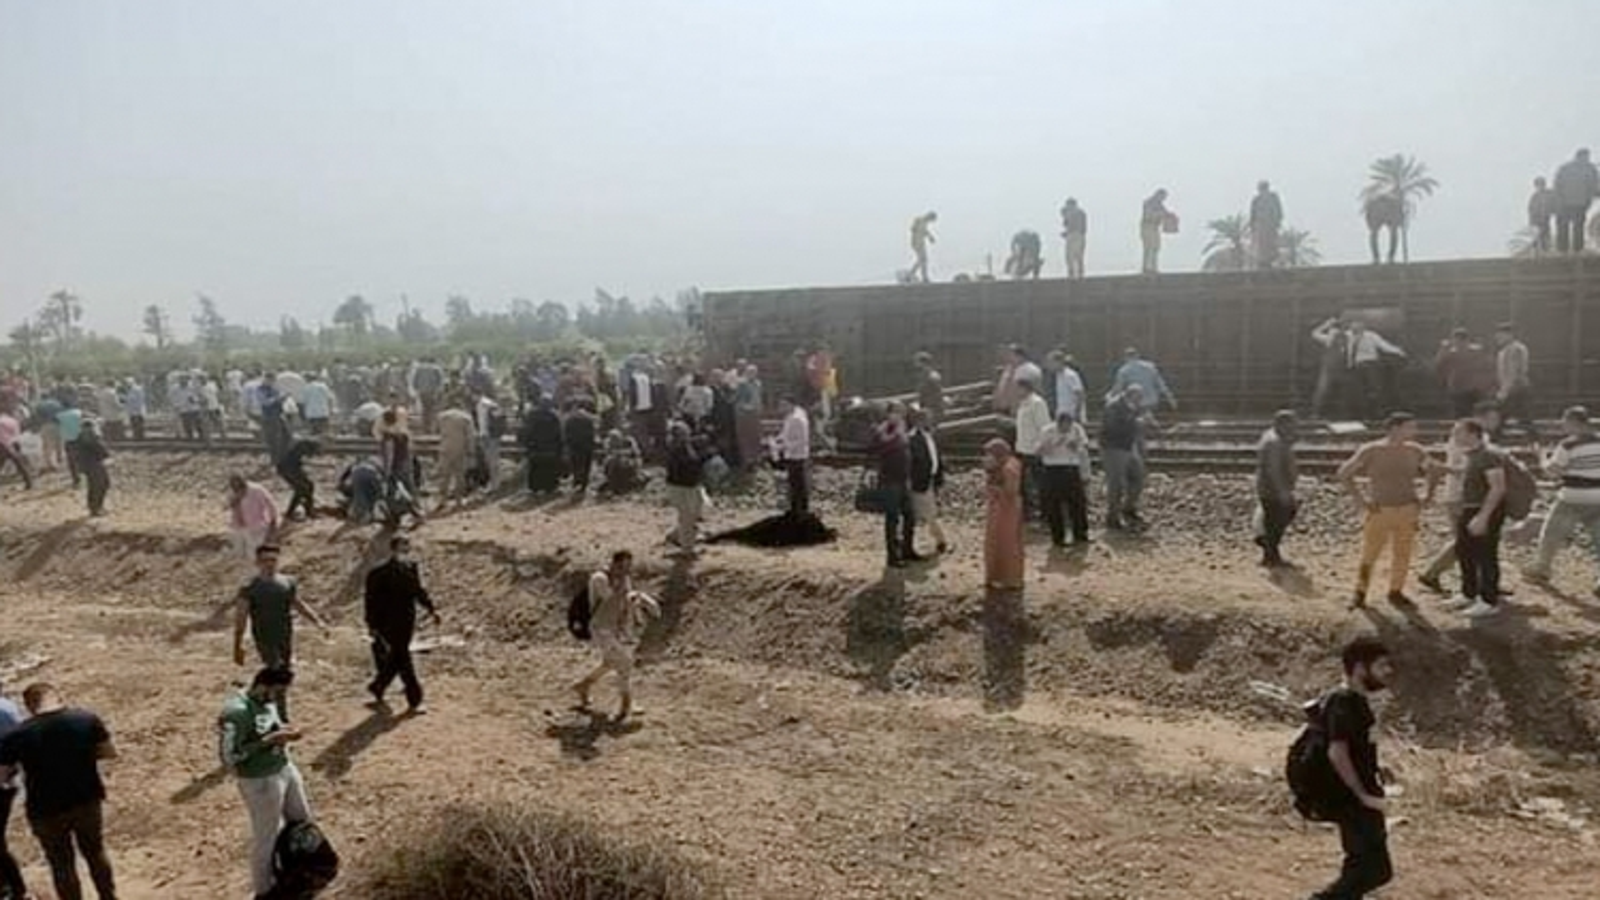 Gần 100 người bị thương do tai nạn lật tàu hỏa tại Ai Cập